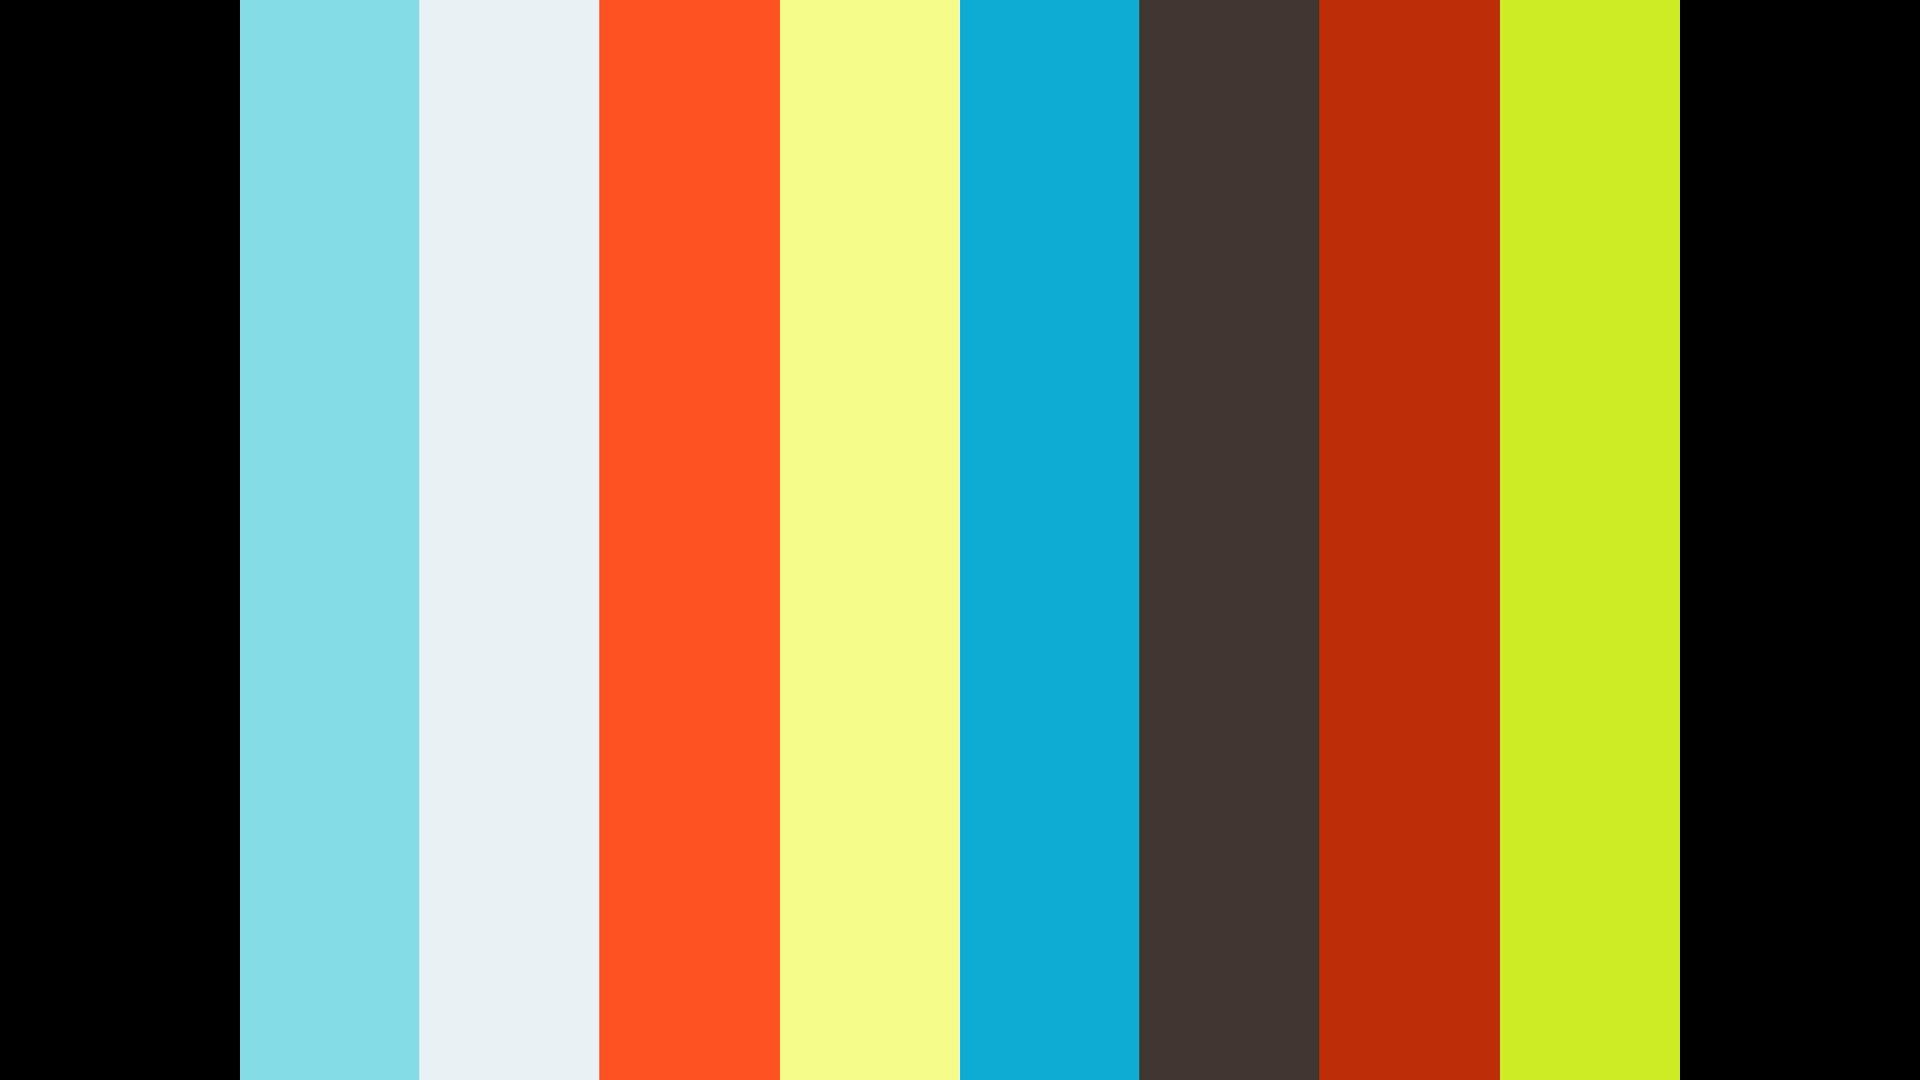 primo piano - di baldassare + vox populi zona arancione sanremo ok